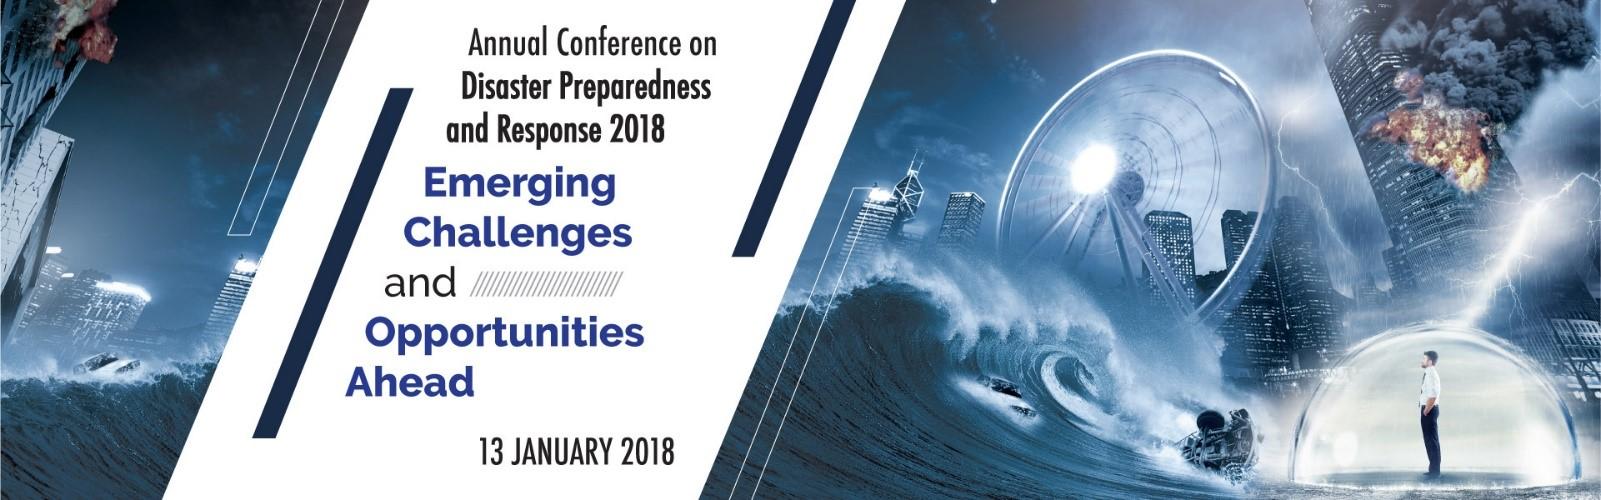 Annual Conference   HKJCDPRI